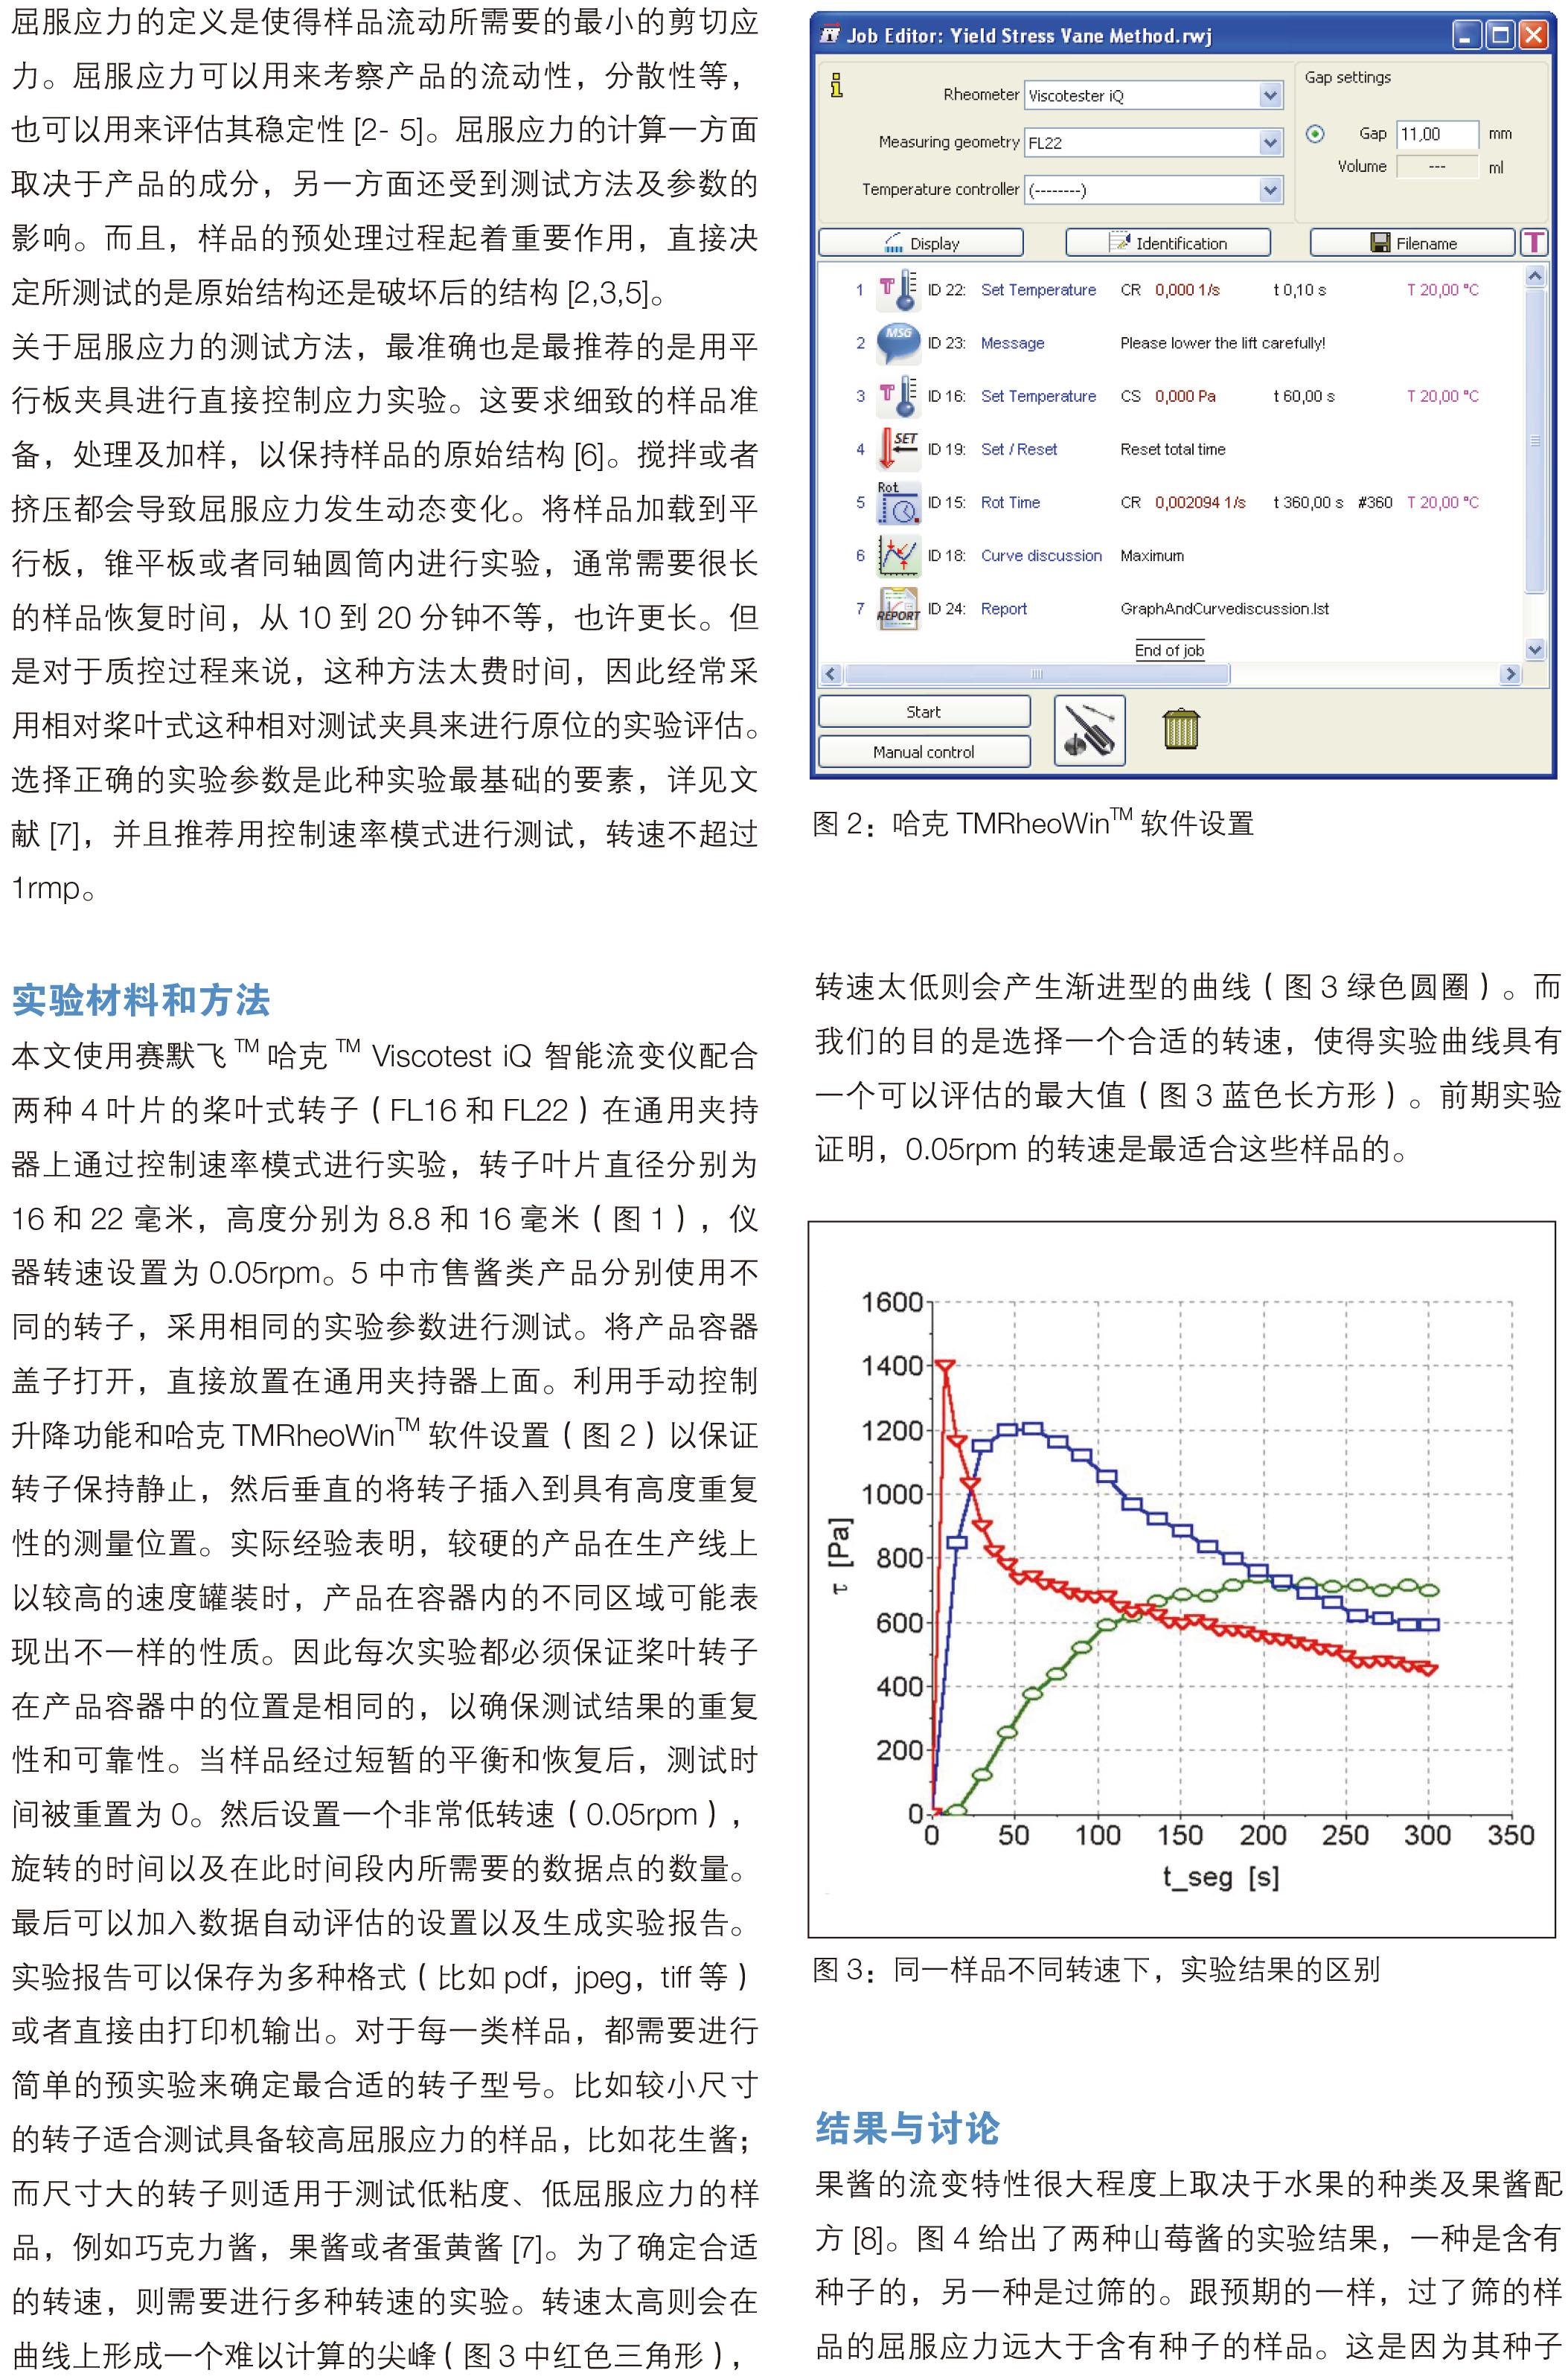 V-272 - Yield-stress-of-jam-CN-2.jpg